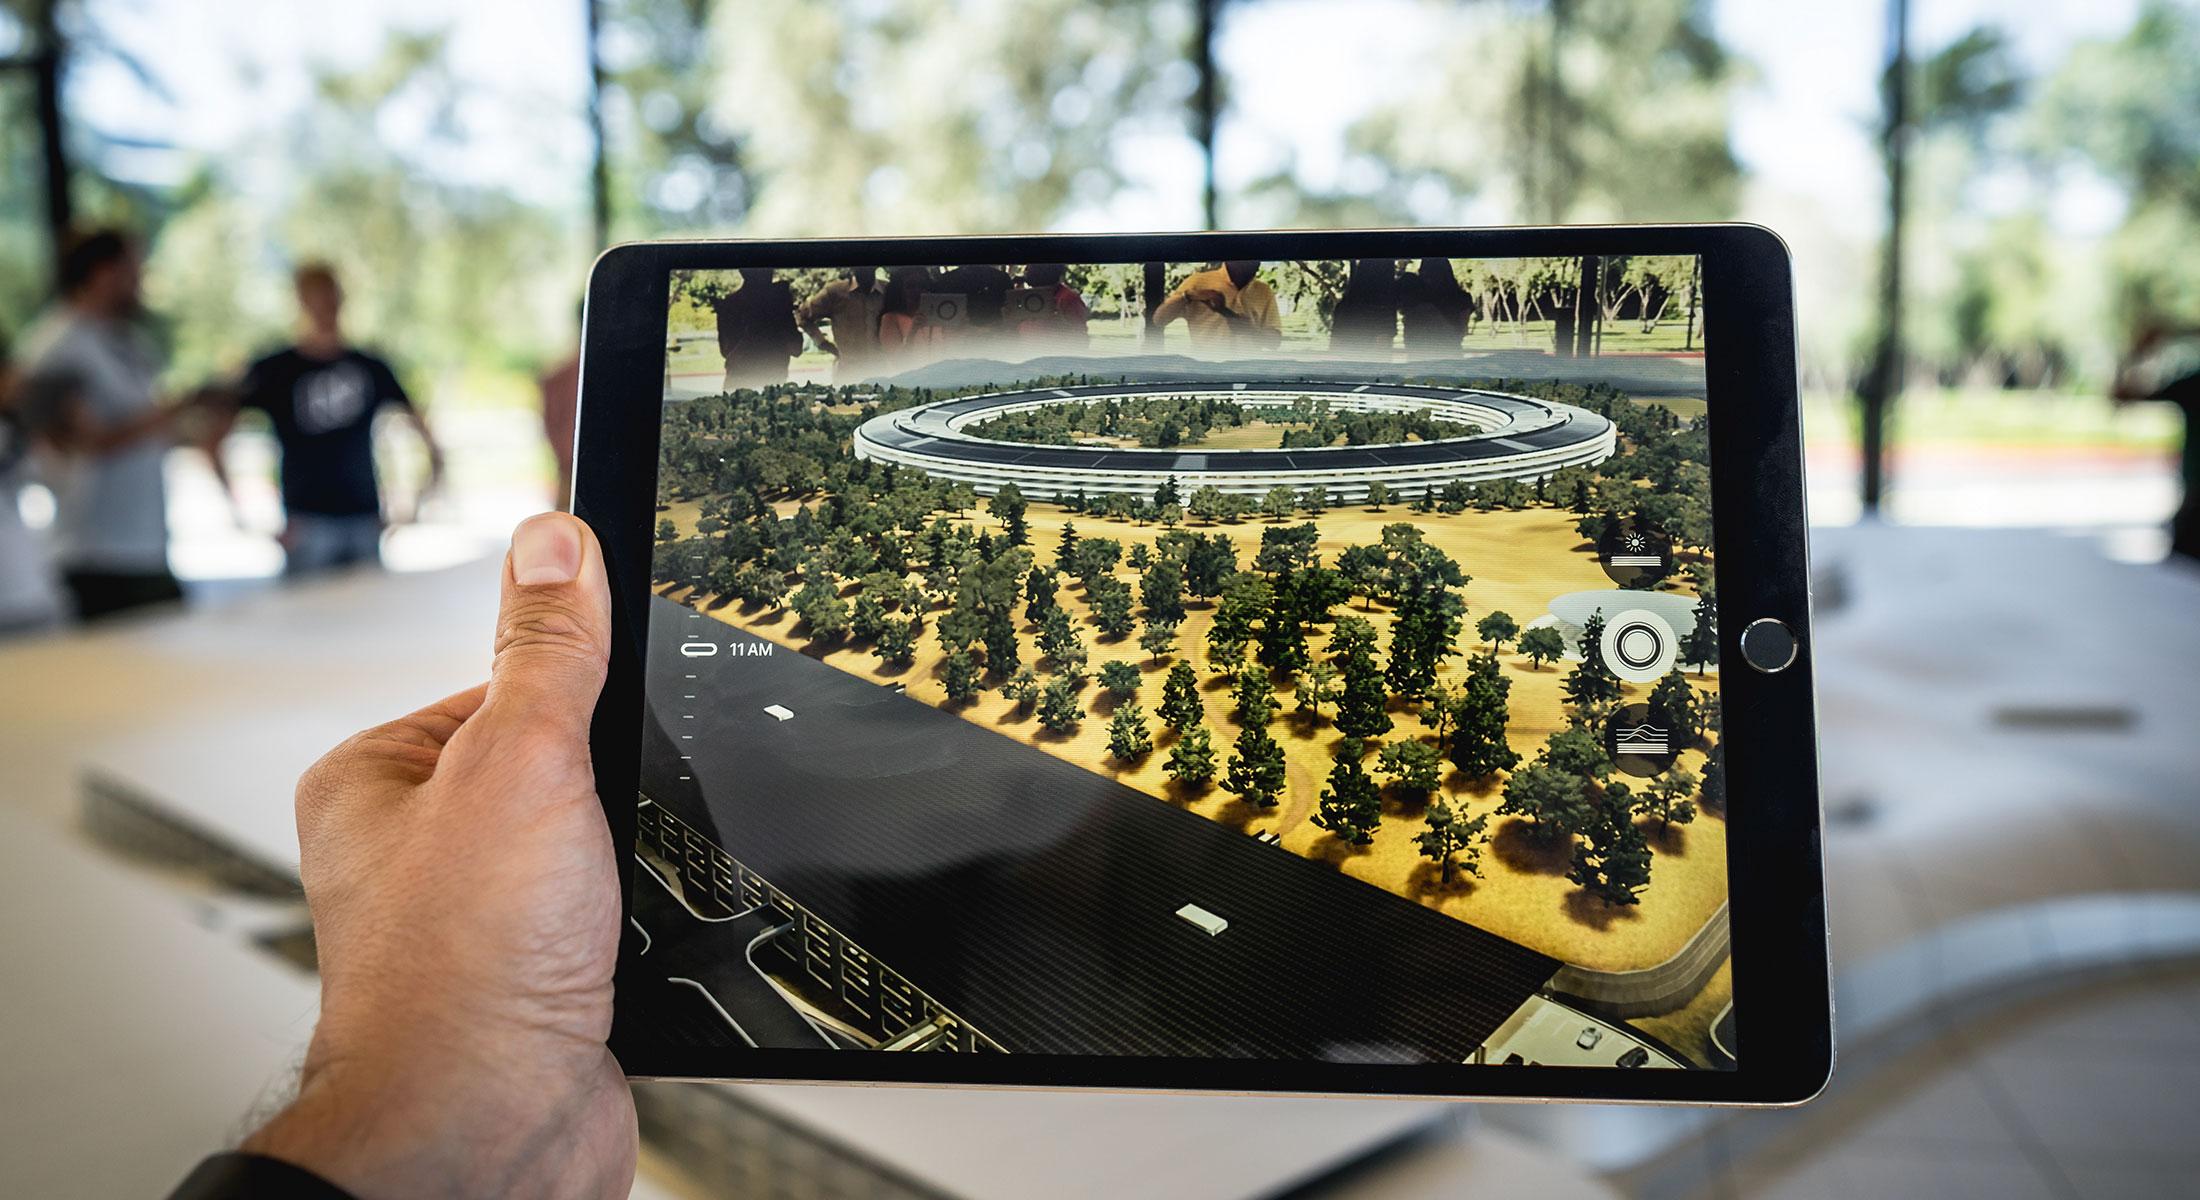 MCSH Veranstaltung: Augmented Reality in der praktischen Anwendung heute und ein Blick in die Zukunft